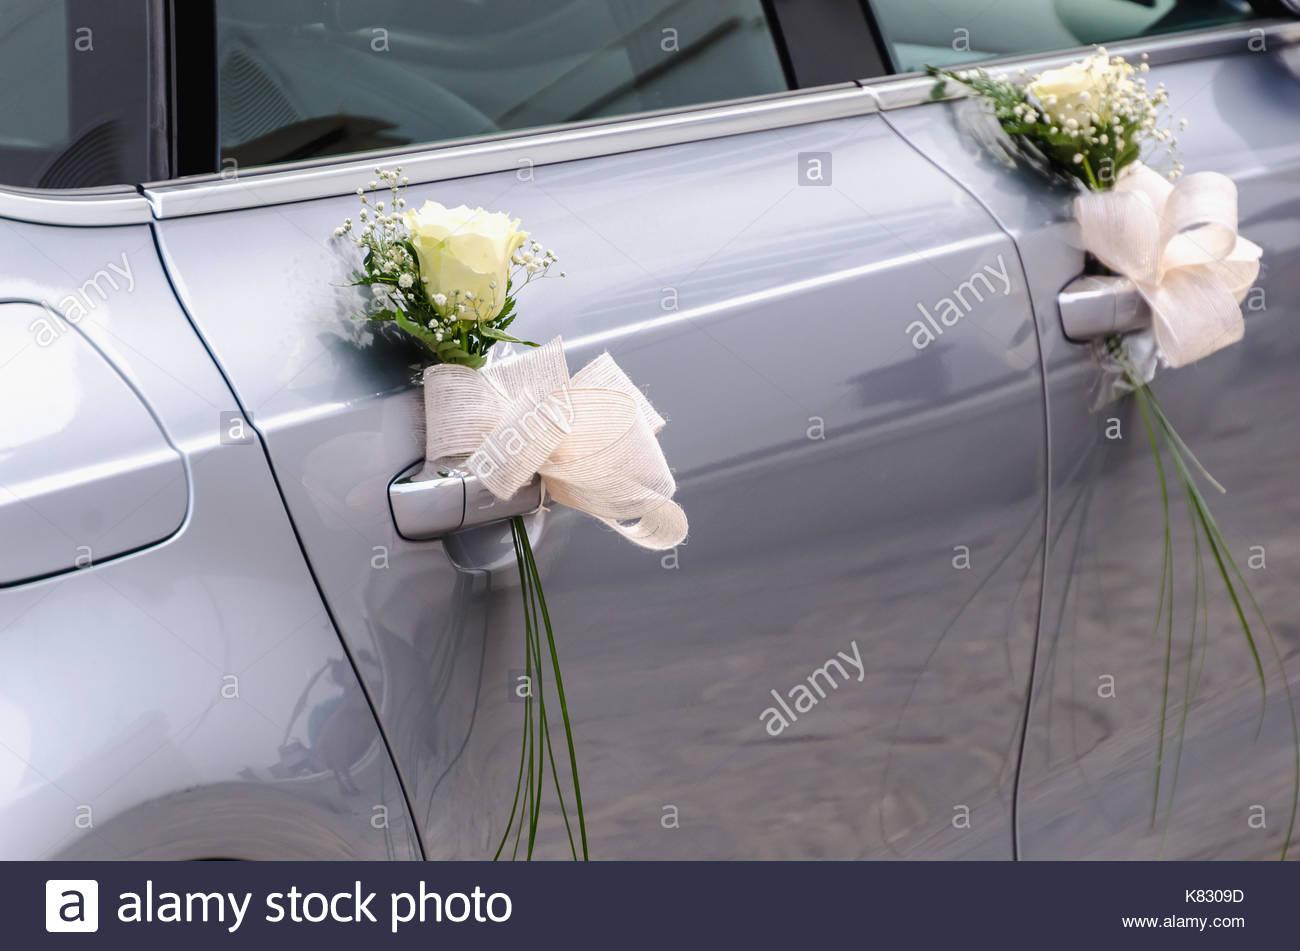 Eine Hochzeit Auto Mit Strausse Von Weissen Rosen Und Andere Kleine